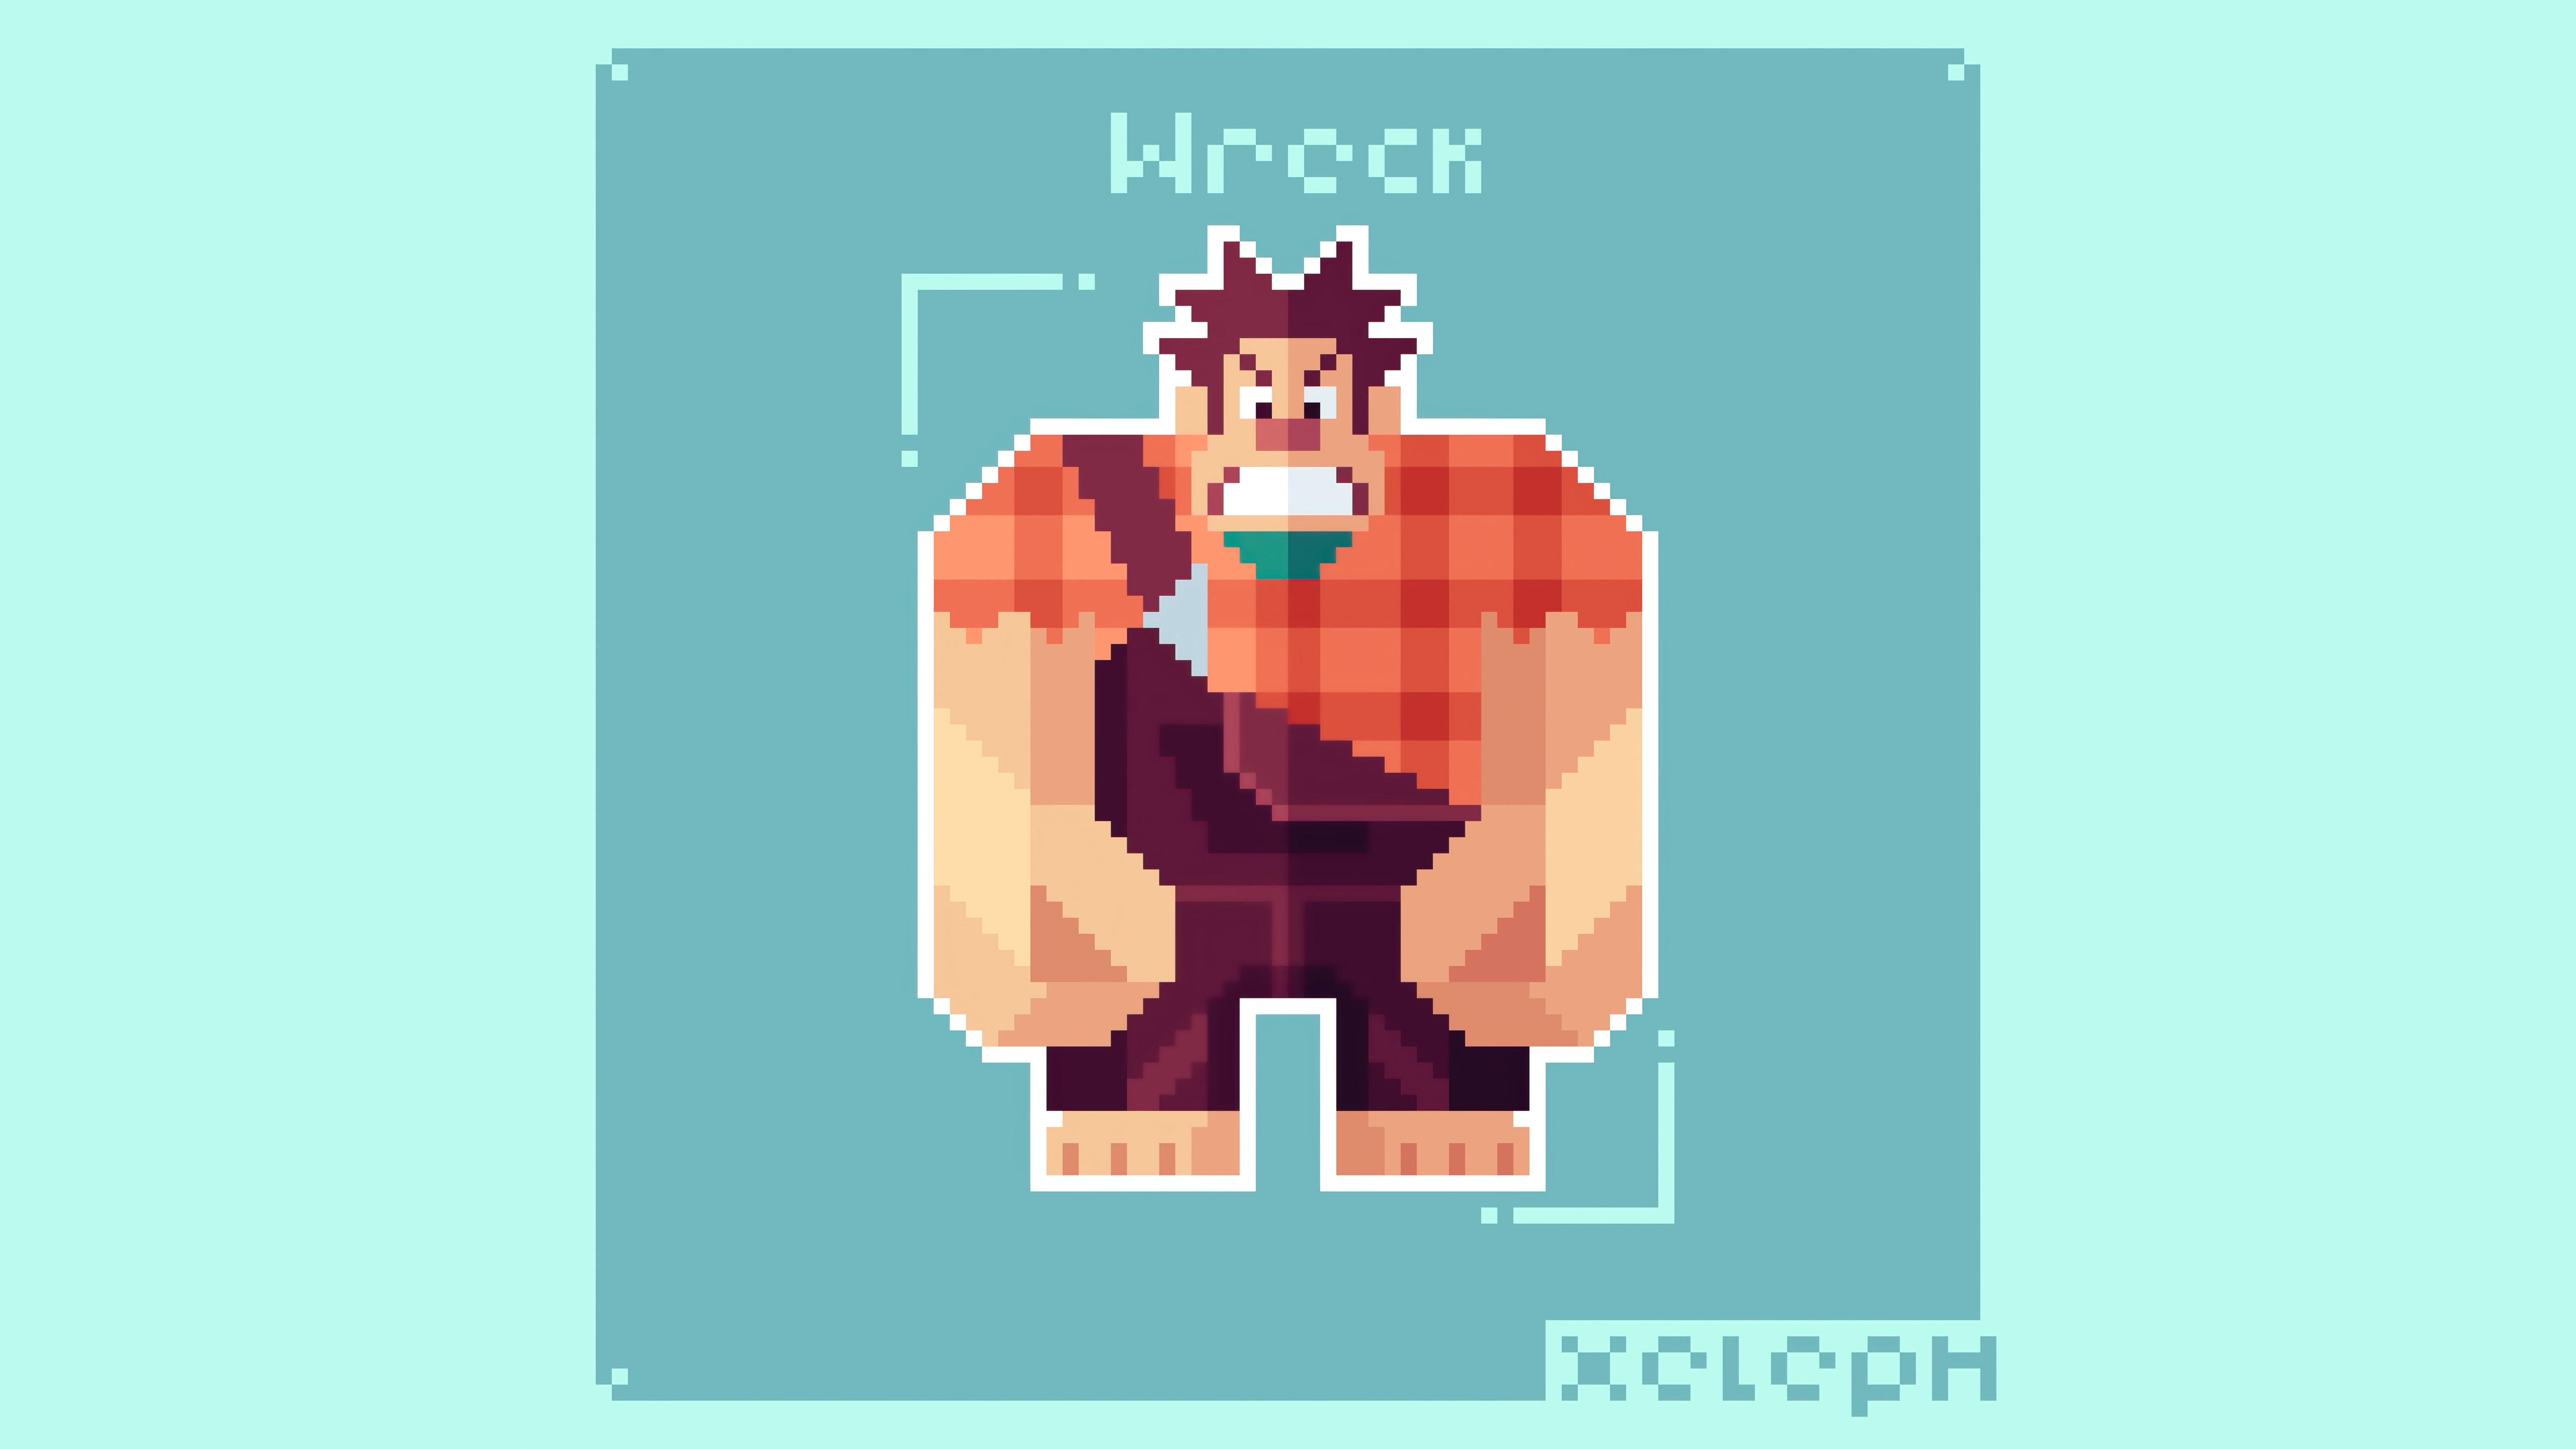 wreck it ralph pixel art 4k 1618166500 - Wreck It Ralph Pixel Art 4k - Wreck It Ralph Pixel Art 4k wallpapers